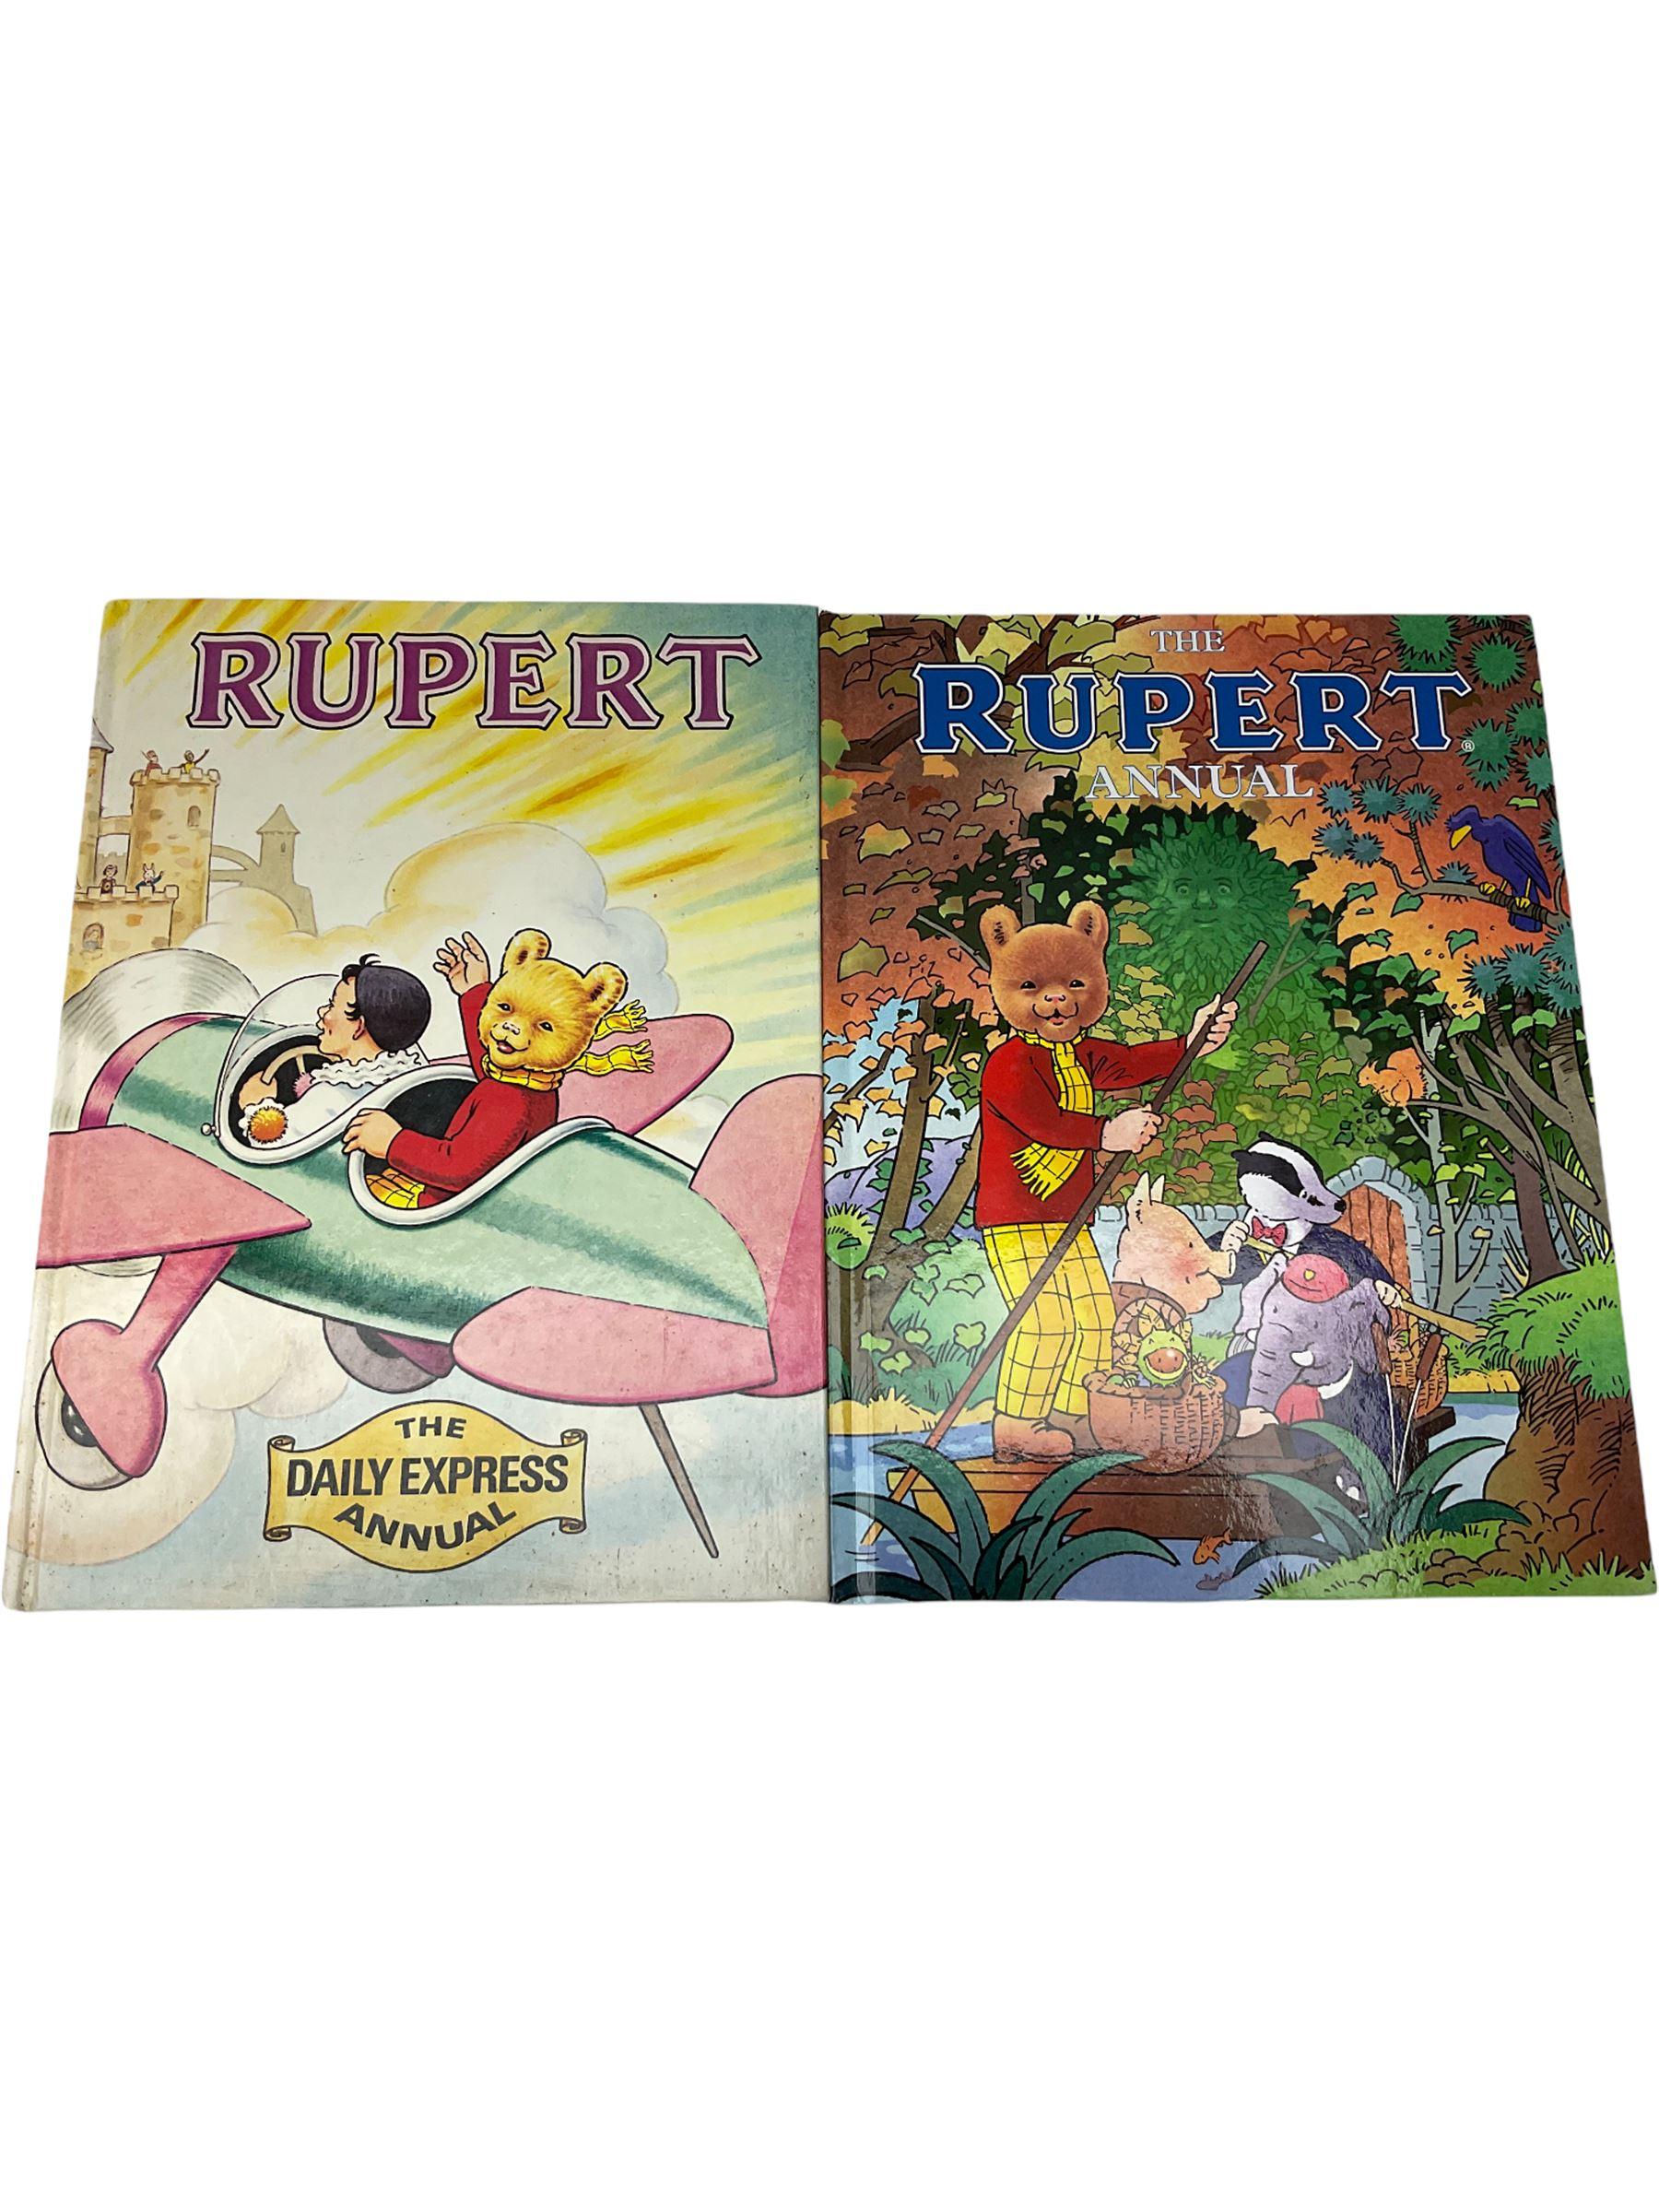 Rupert Bear - More Adventures of Rupert 1947 and The Rupert Book 1948 - Image 7 of 8